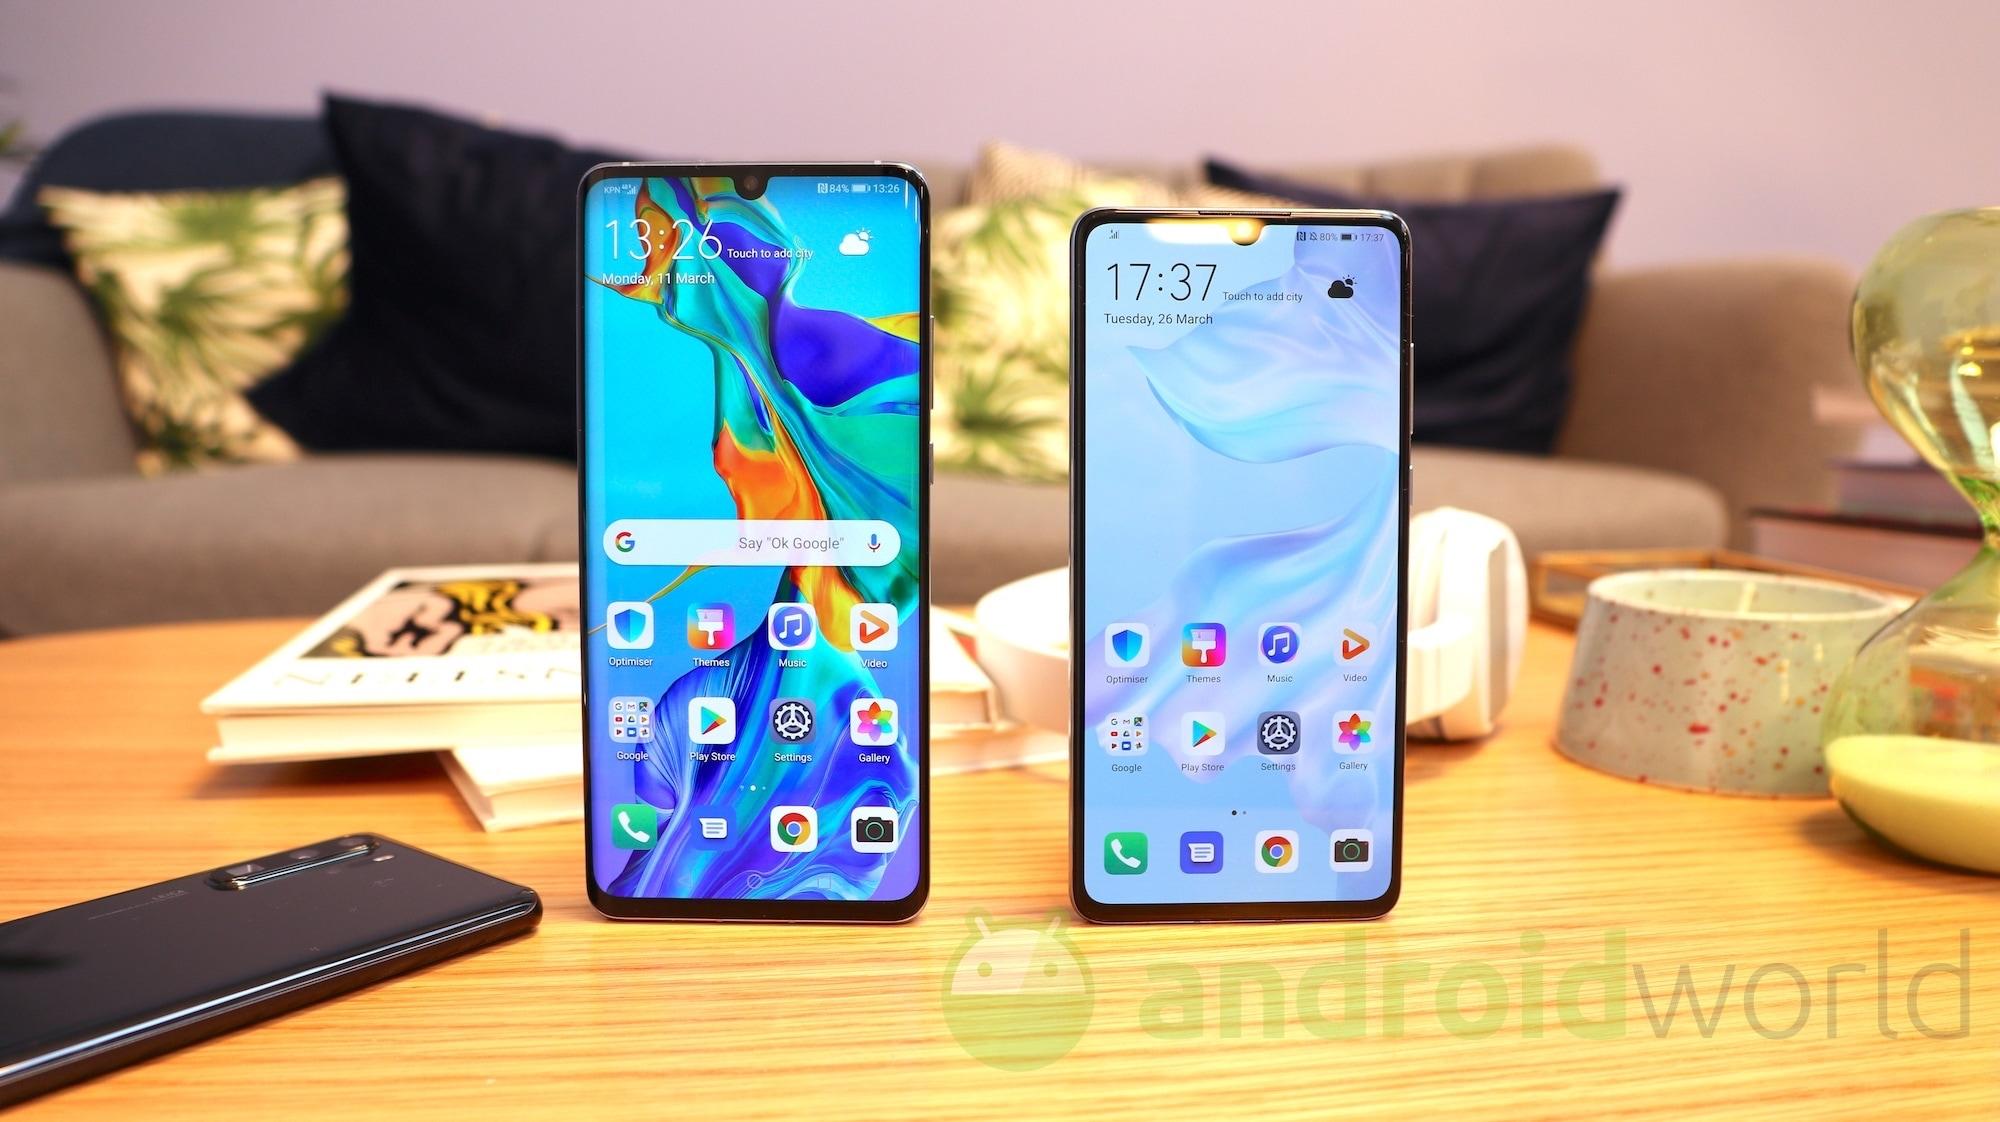 Passione per i nuovi Huawei P30 e P30 Pro? Provate tutti i loro sfondi e temi ufficiali (foto)